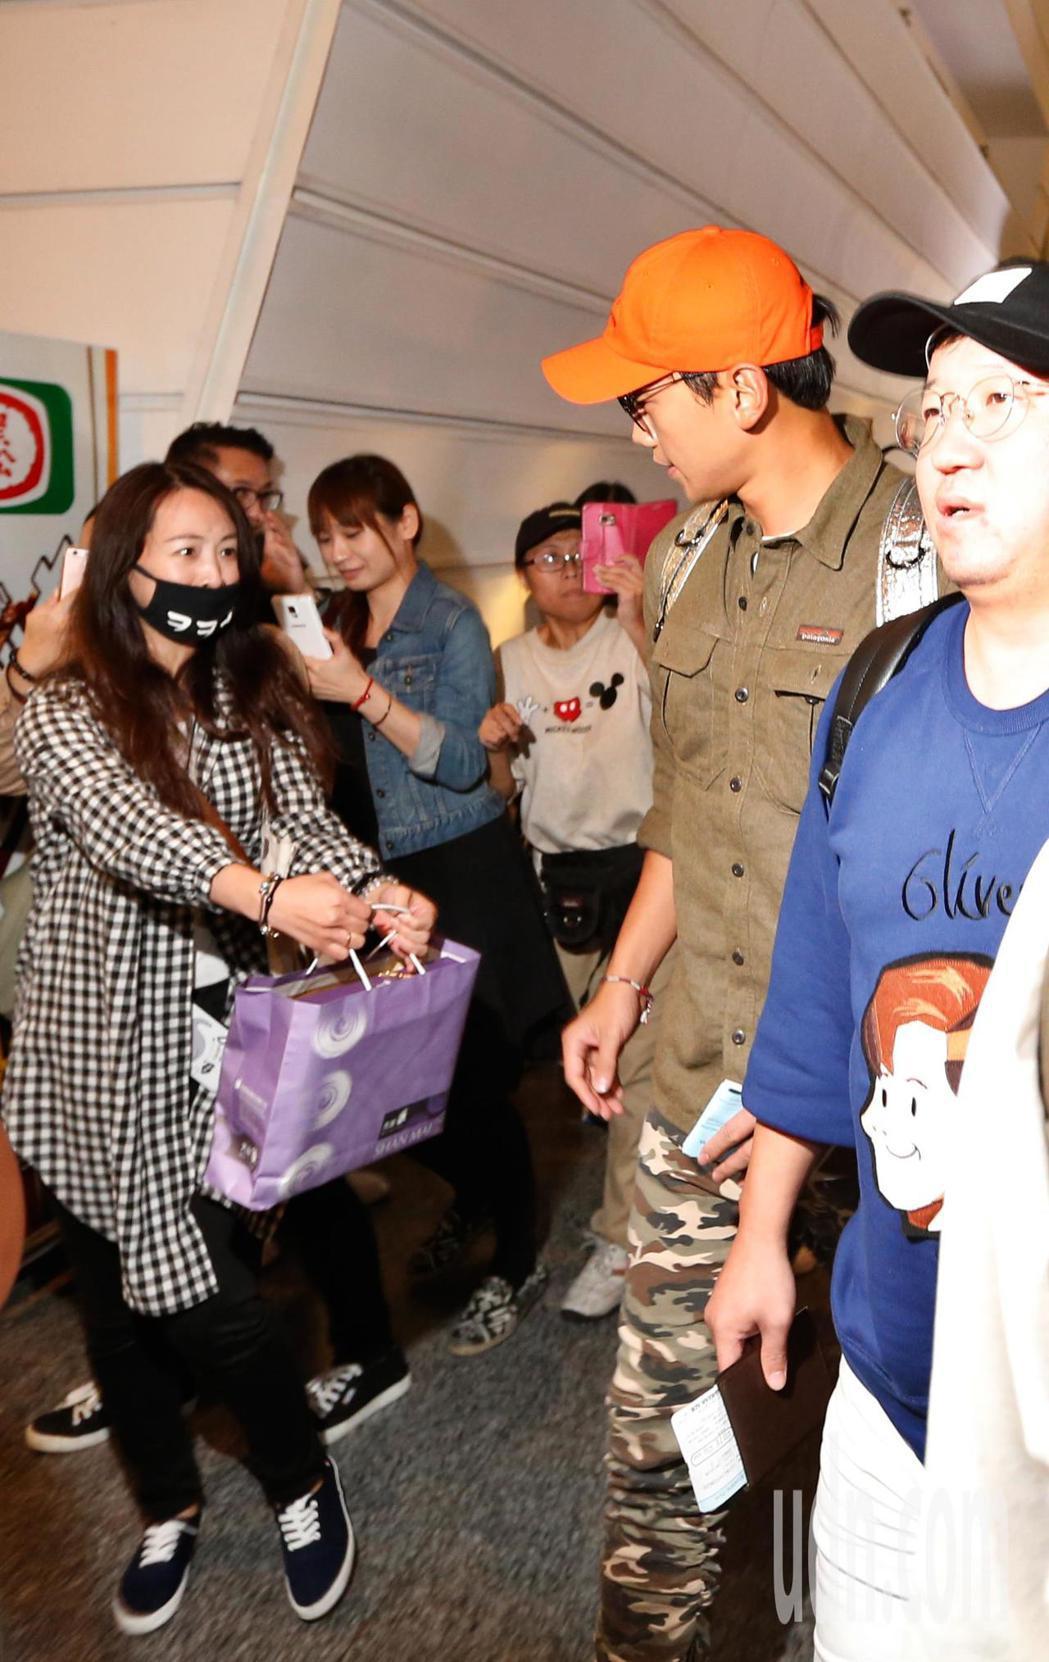 韓星Rain等人傍晚前往桃園機場搭機返回韓國,幸運的粉絲親手送上禮物給Rain。...